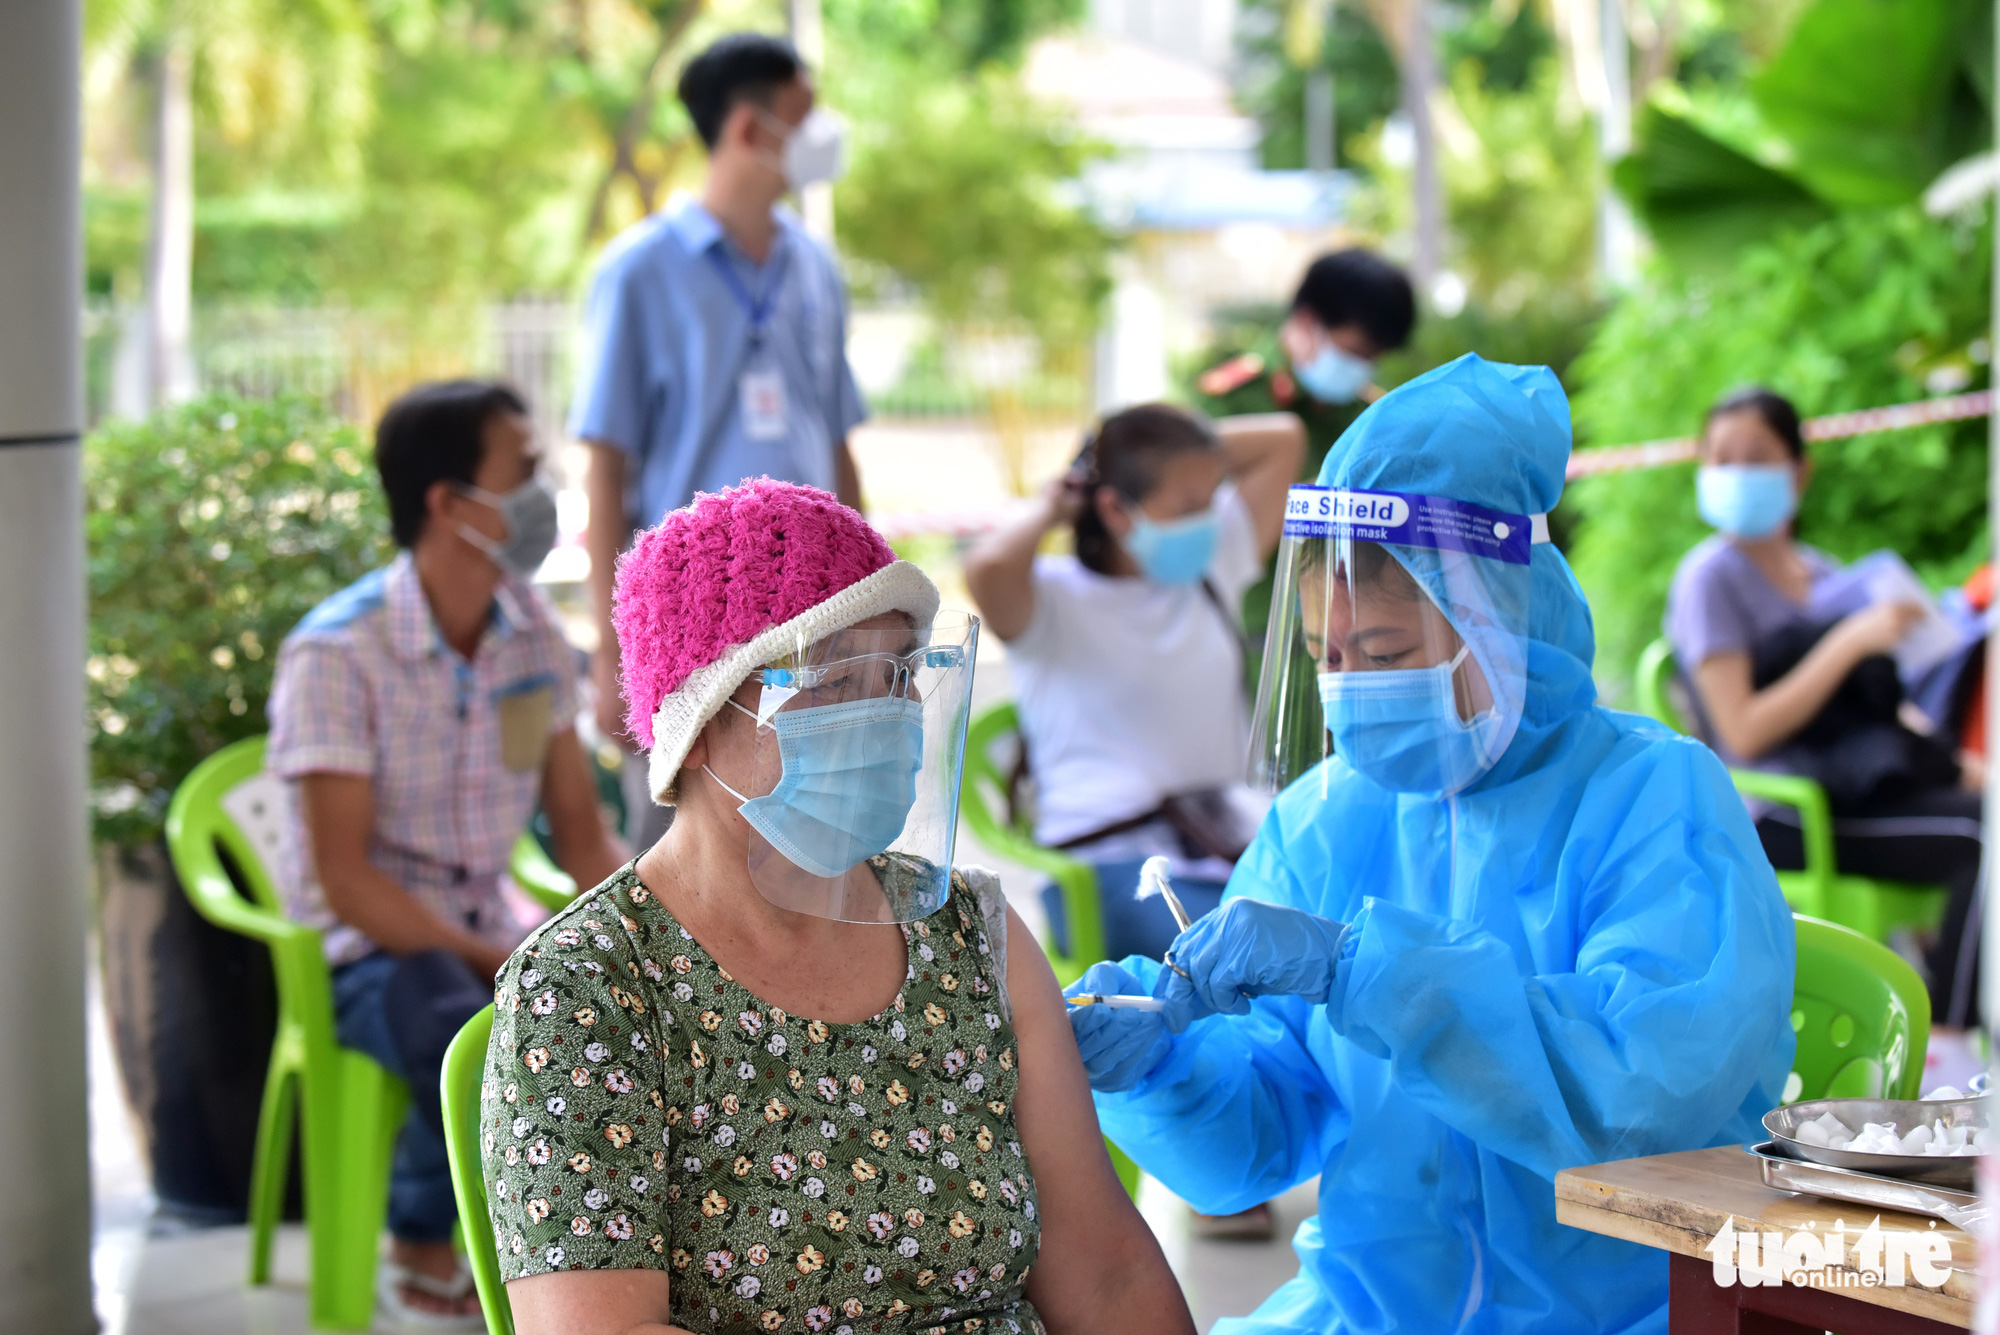 Over 3 million COVID-19 vaccine doses allocated to Ho Chi Minh City so far